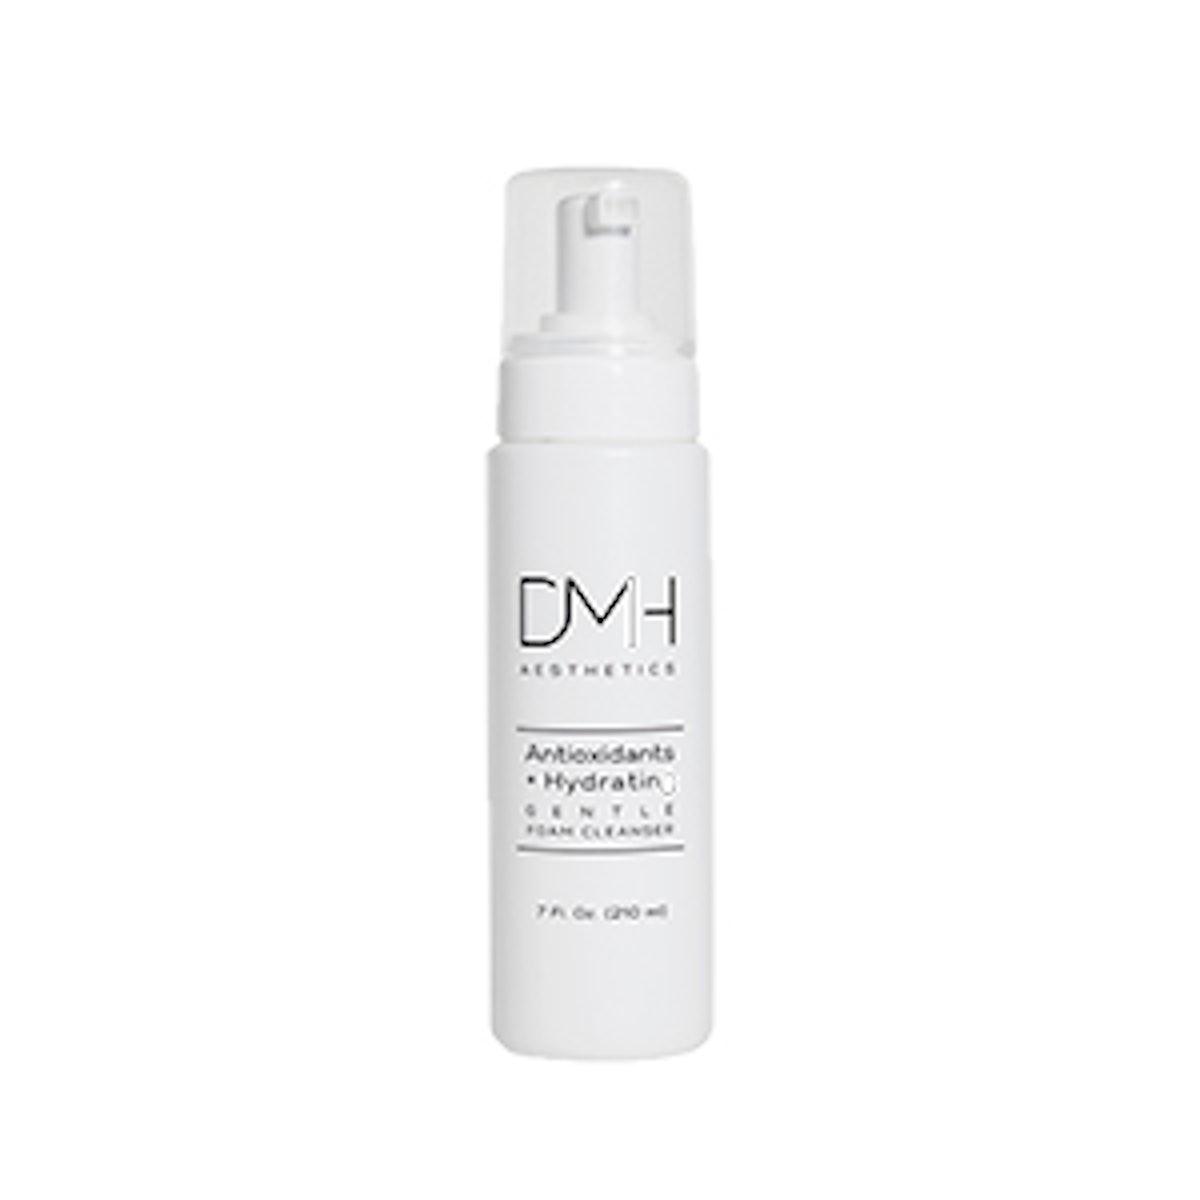 Antioxidants + Hydrating Gentle Foam Cleanser